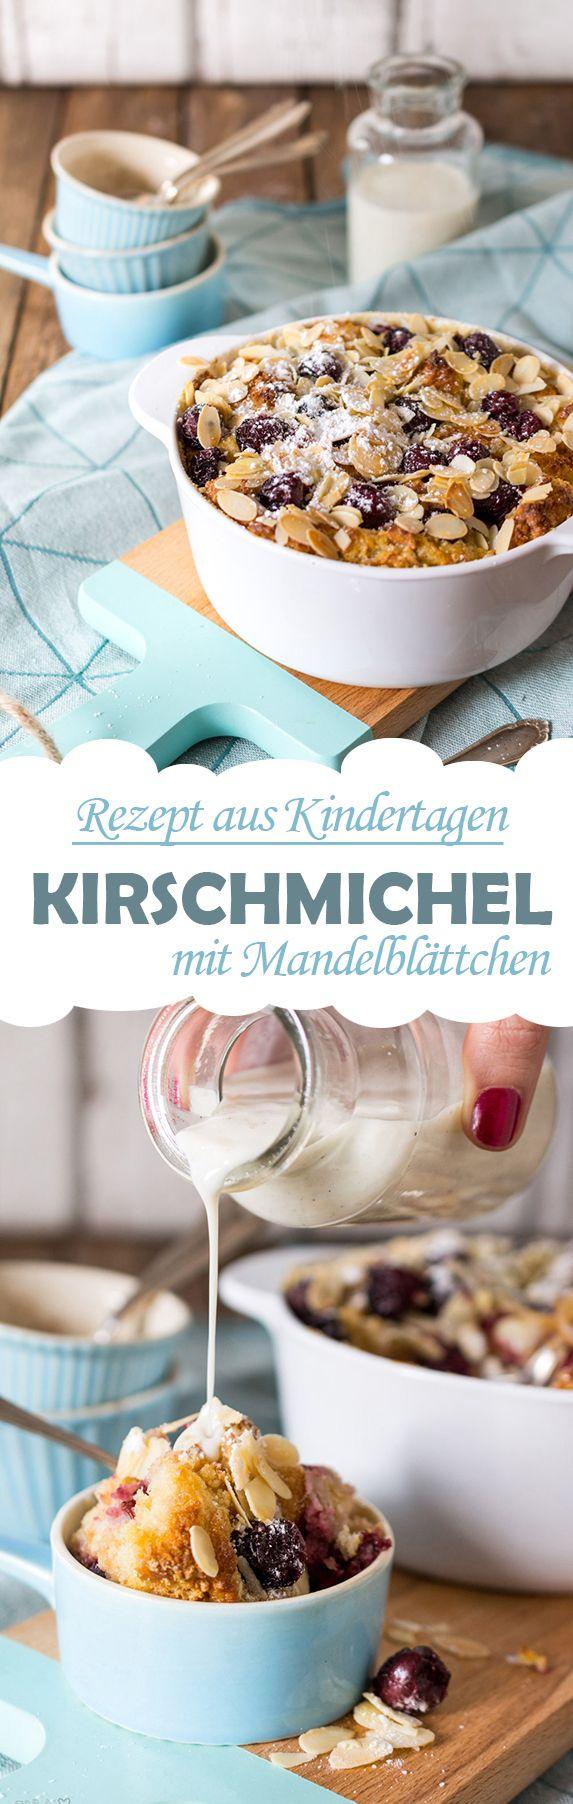 Kirschmichel mit Mandelblättchen /// Sweet bread casserole with cherries